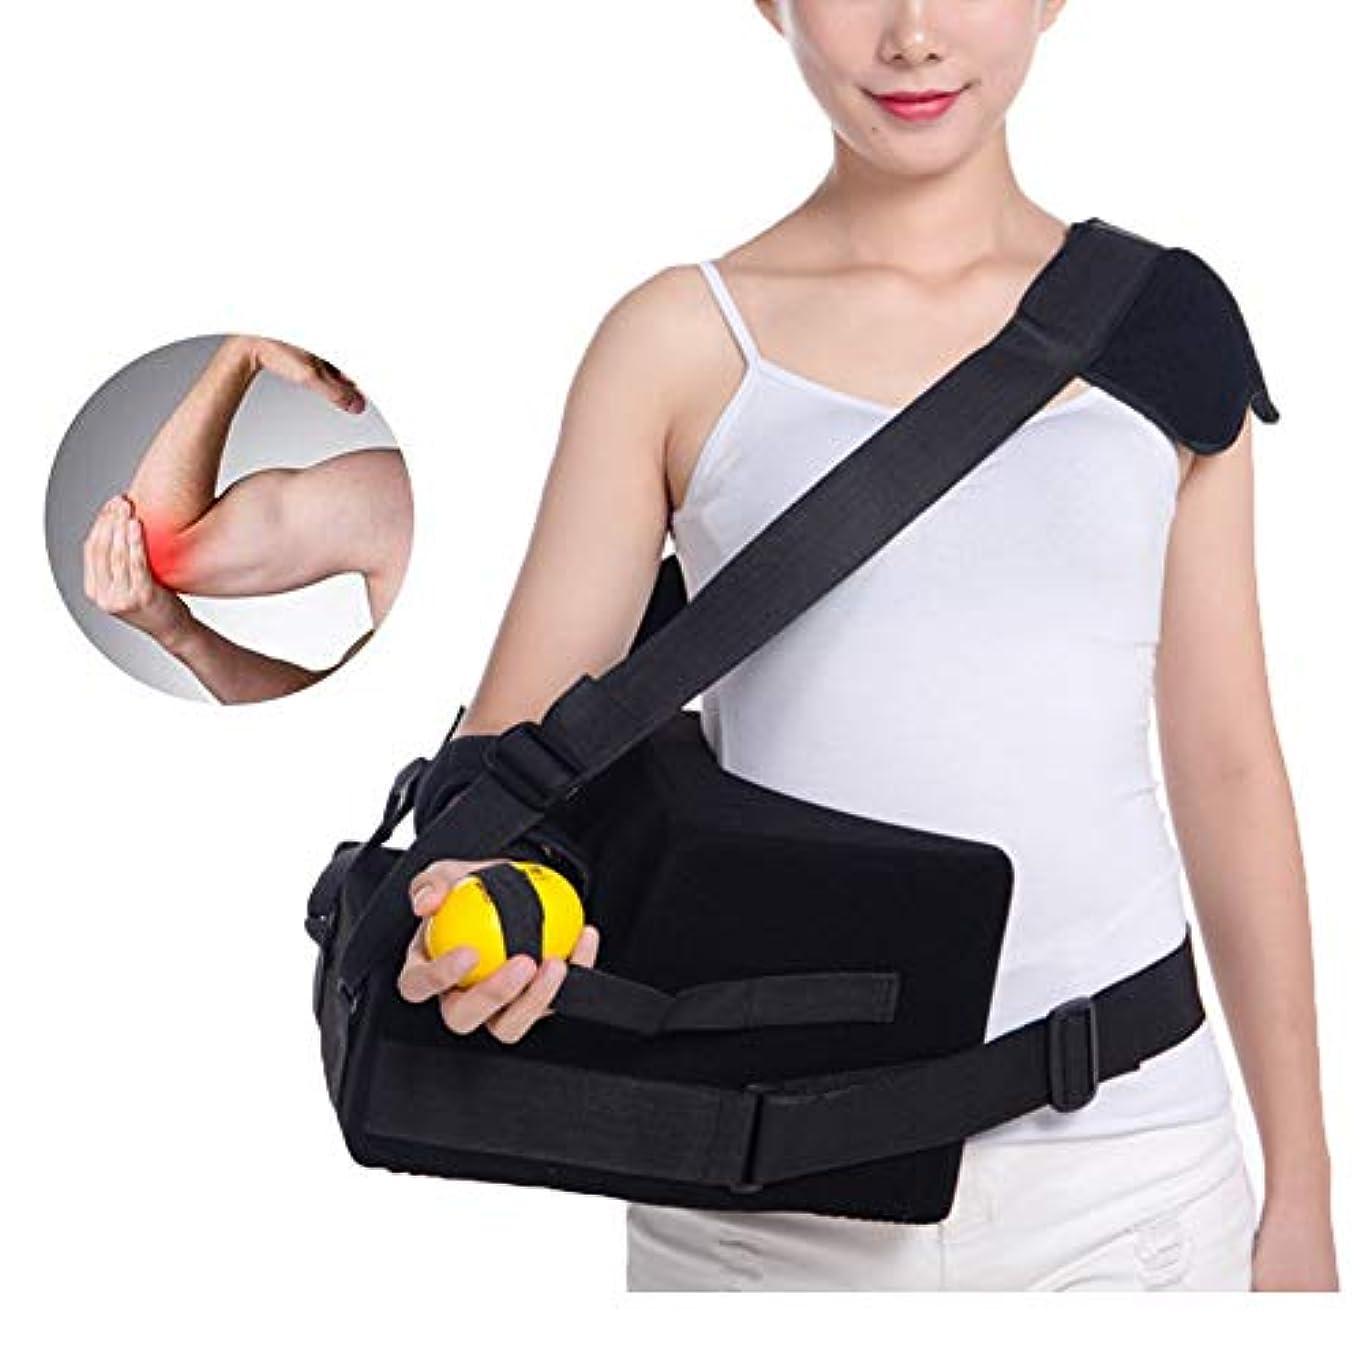 フィールド共和党無秩序腕のスリングの肘サポートブレース肩外転ベルト骨折、腕の骨折、手首、肘、肩のけがの軽減とサポート、ワンサイズ - ユニセックス